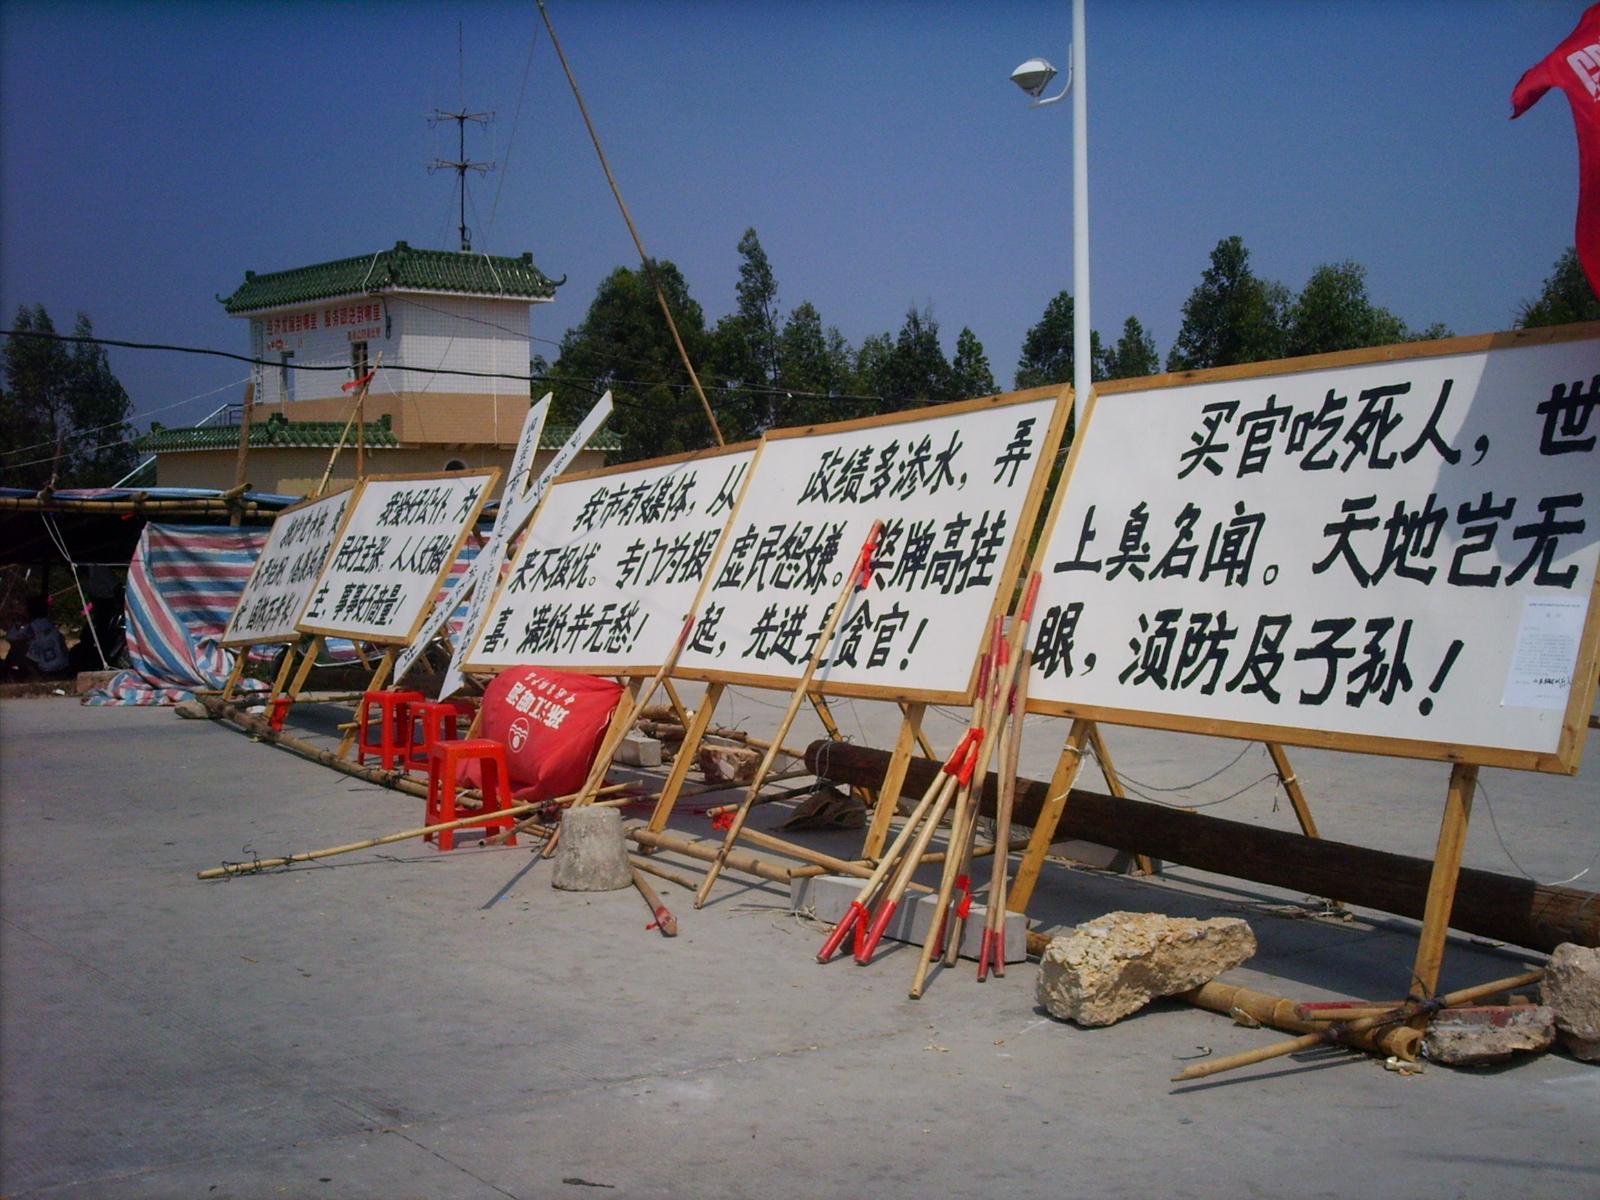 Chinesische Dorfbewohner wegen Protest gegen Bodenraub von Polizei erschossen